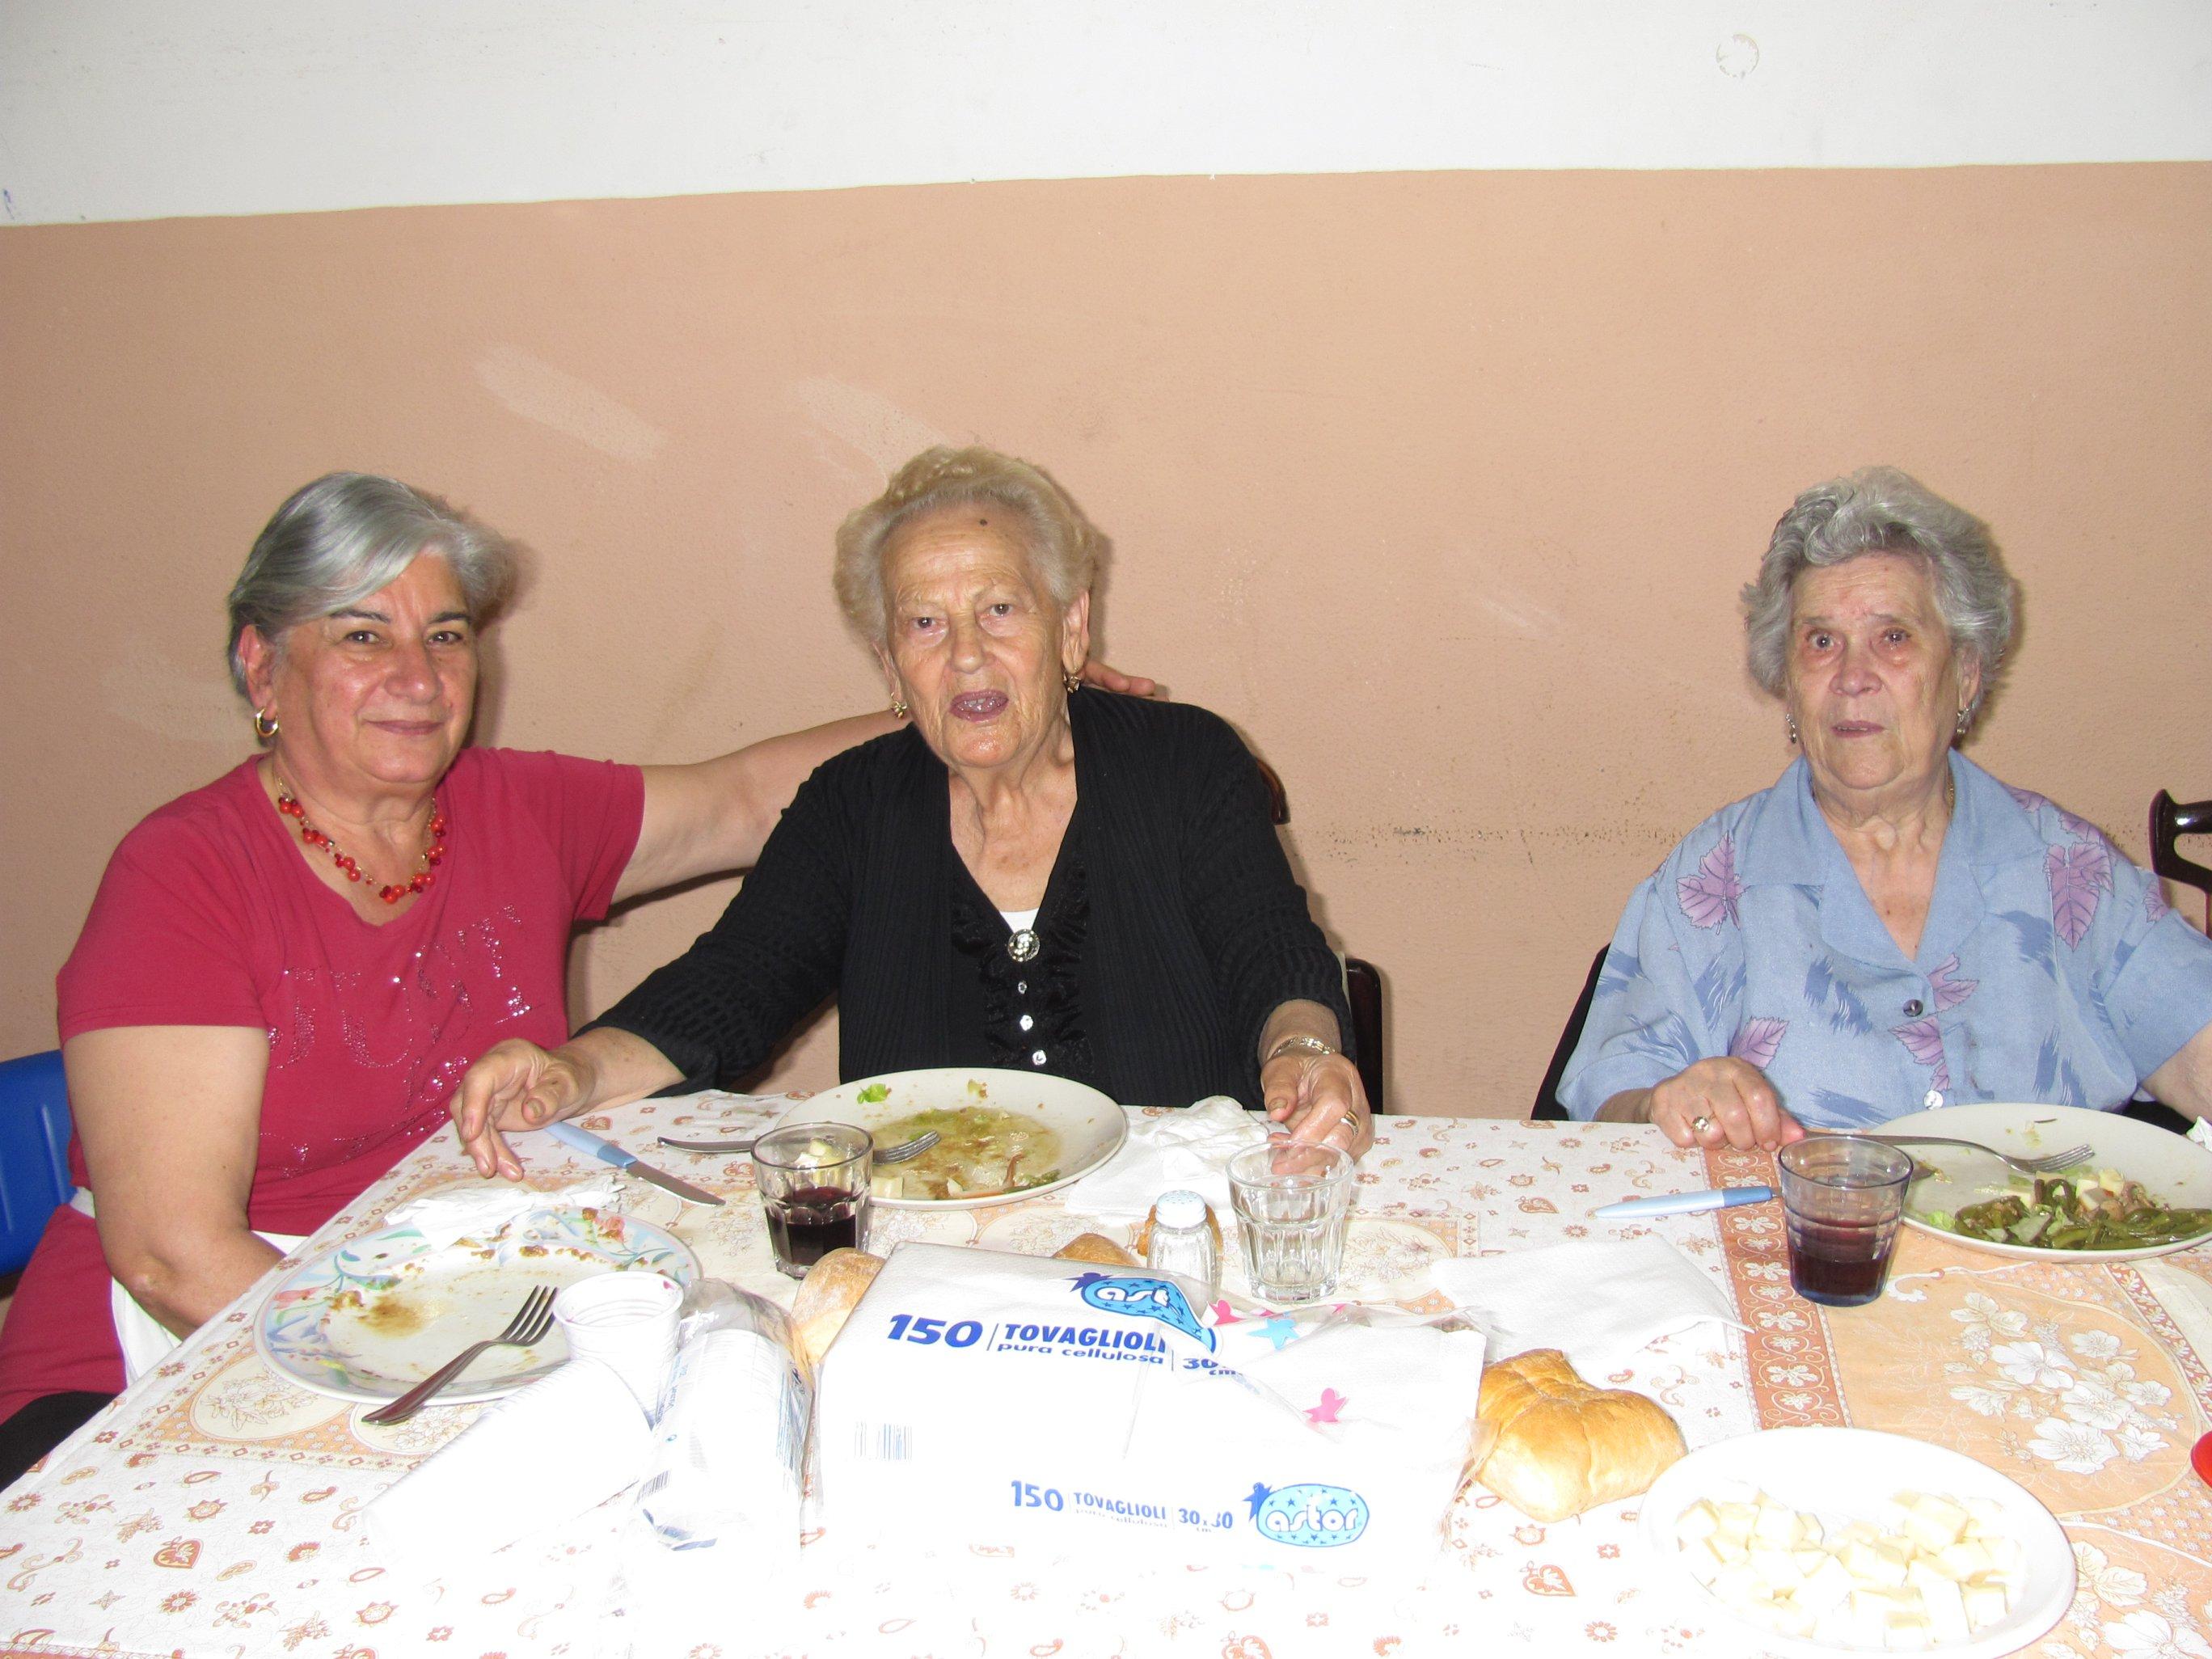 anniversari_di_matrimonio_e_di_ordinazione_2012-06-03-13-14-43